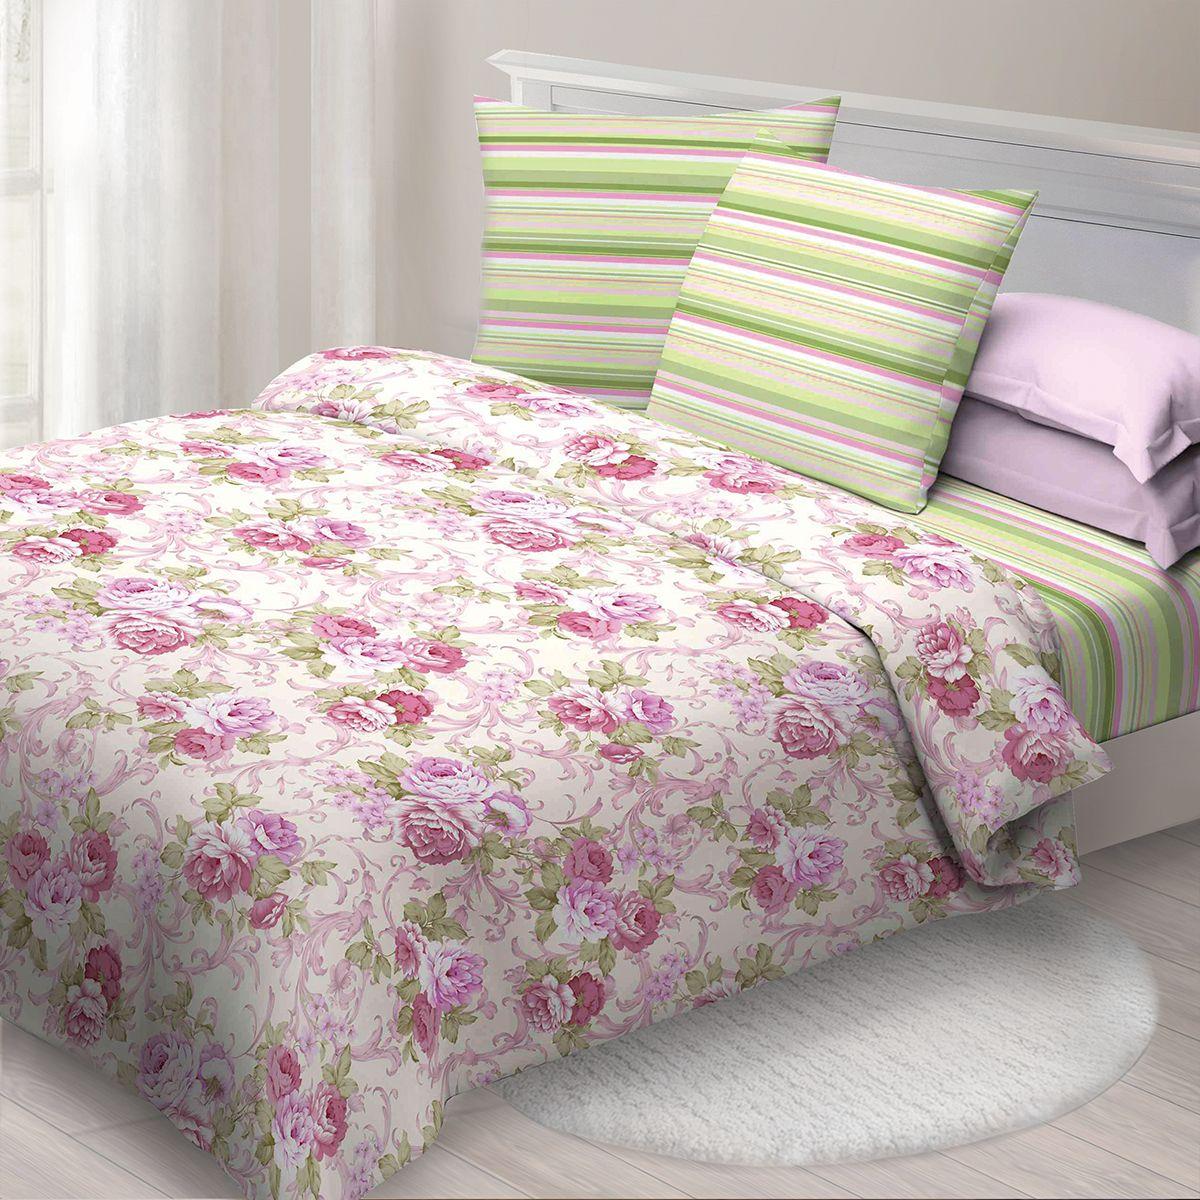 Комплект белья Спал Спалыч Марибэль, 2-х спальное, наволочки 70x70, цвет: розовый. 1950-184192